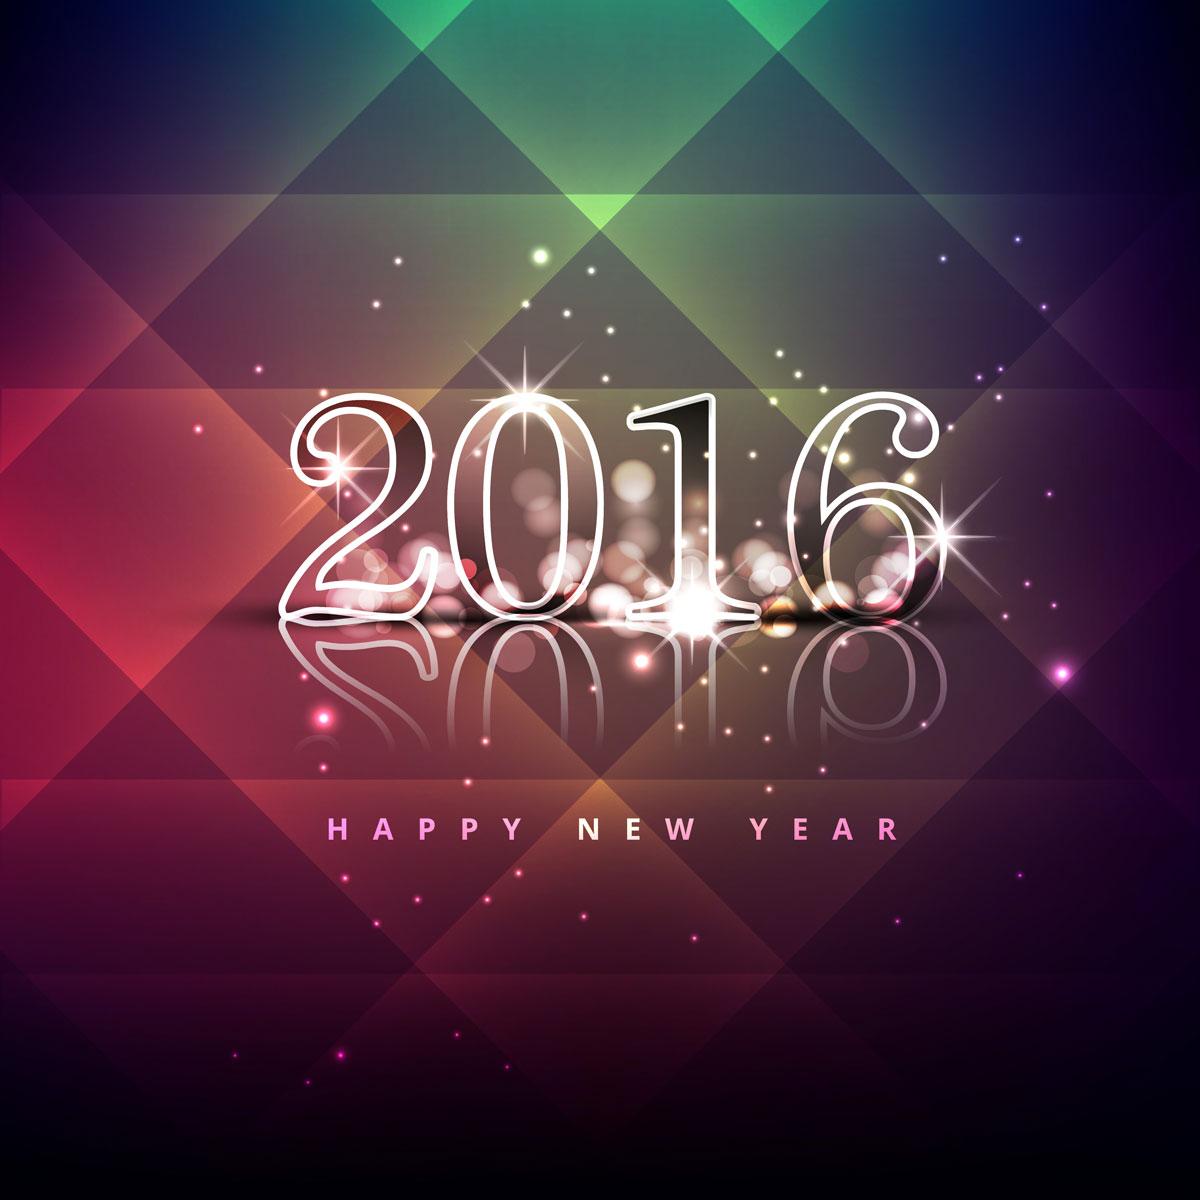 happy-new-year-2016, bonne-année-2016, happy-new-year, bonne-année, meilleurs-vœux-2016, vœux-2016, meilleurs-vœux, bonne-année-2016-design, dudessinauxpodiums, du-dessin-aux-podiums